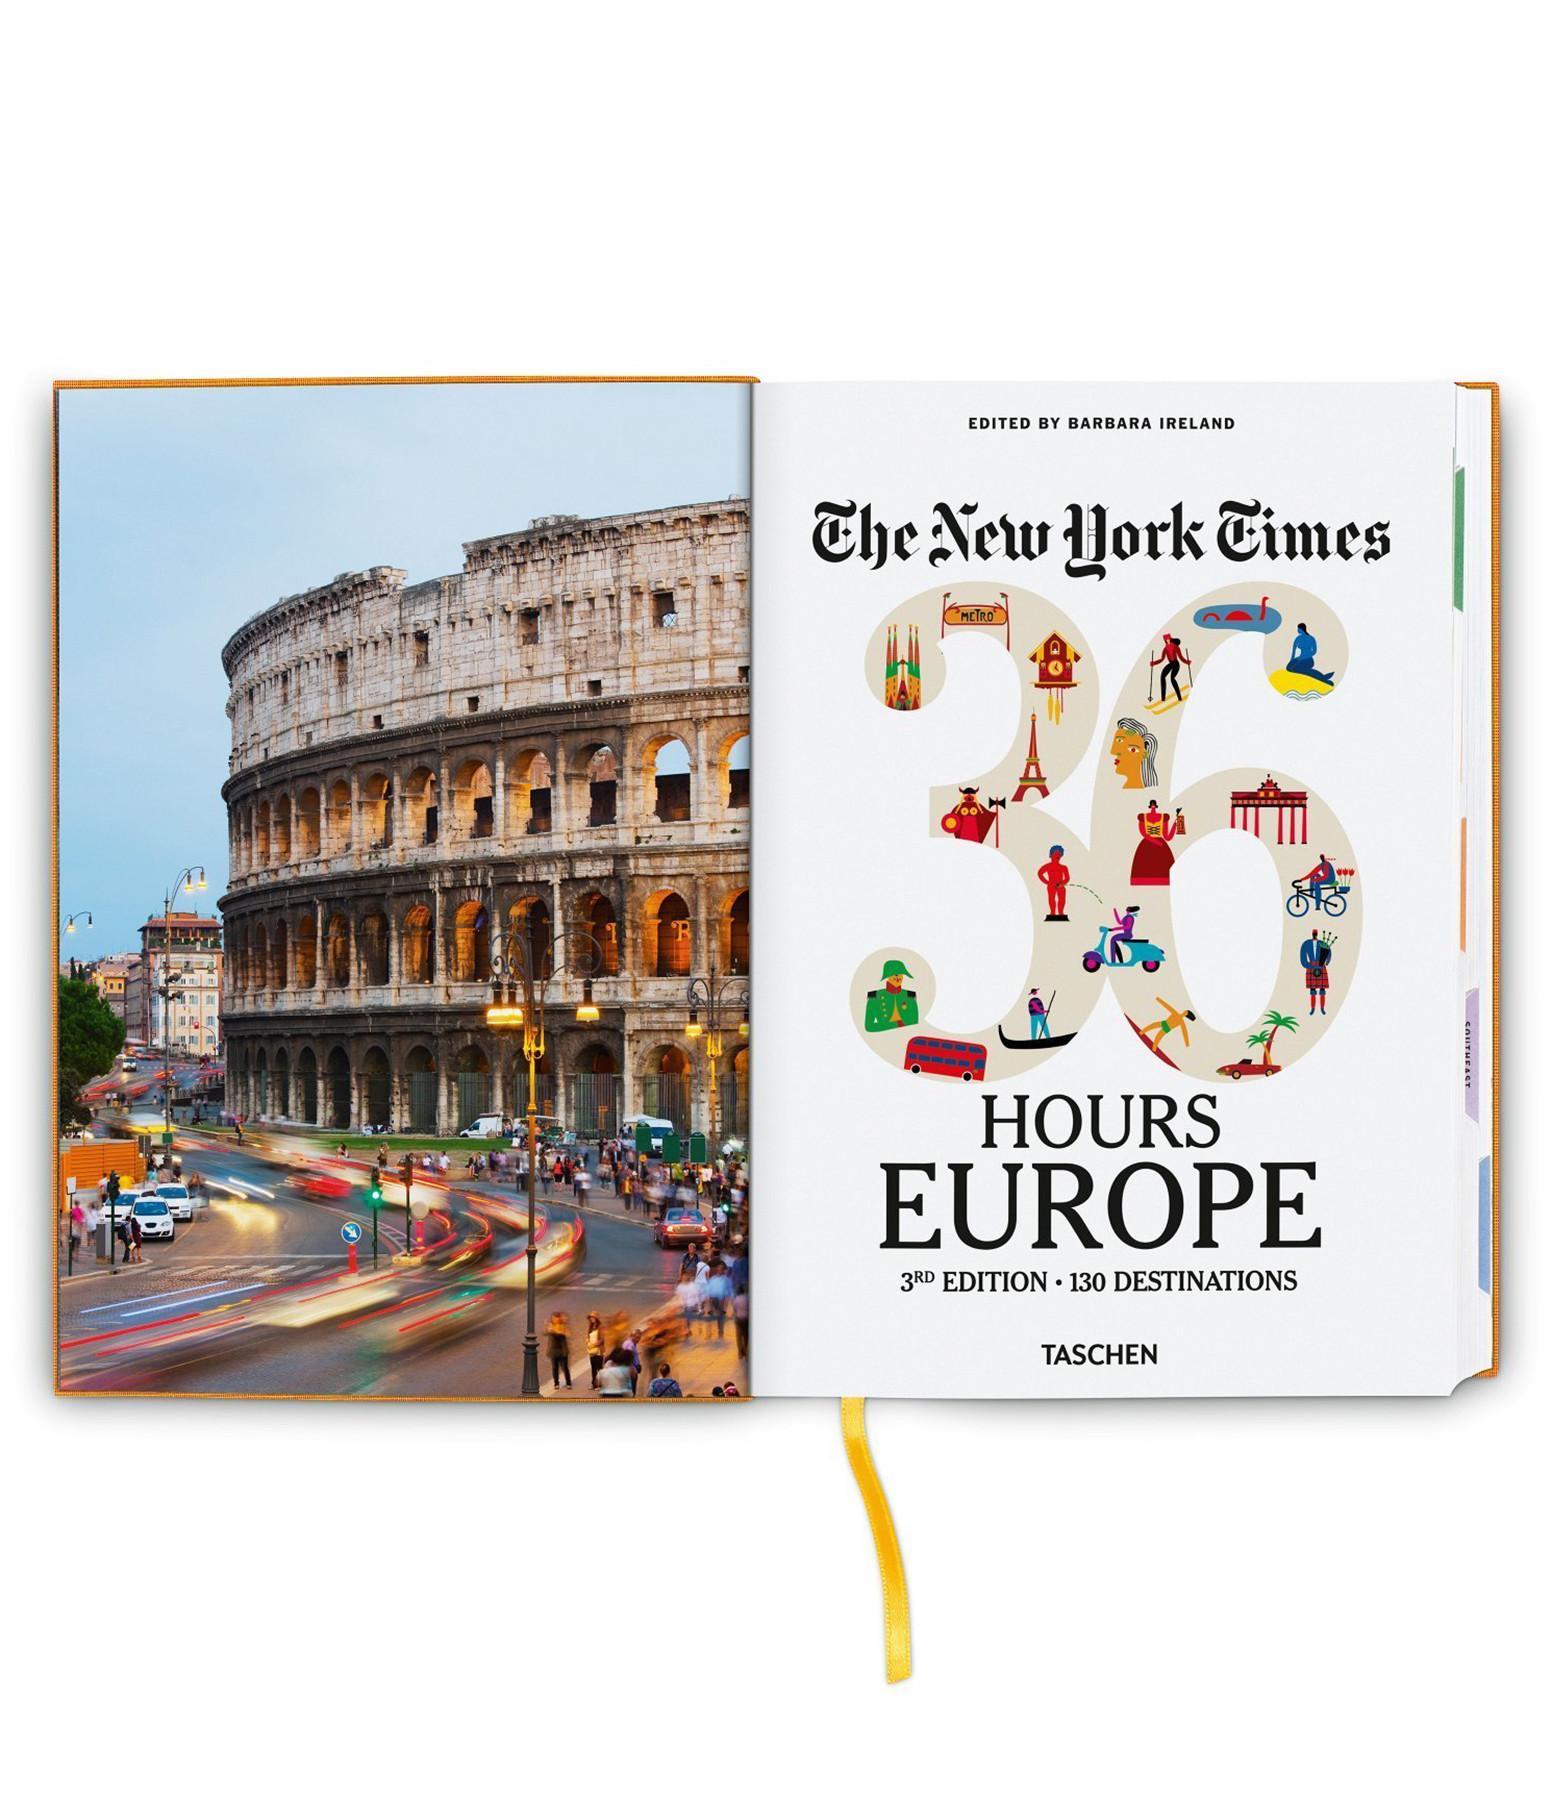 TASCHEN - Livre NYT 36 Hours Europe, 3ème édition